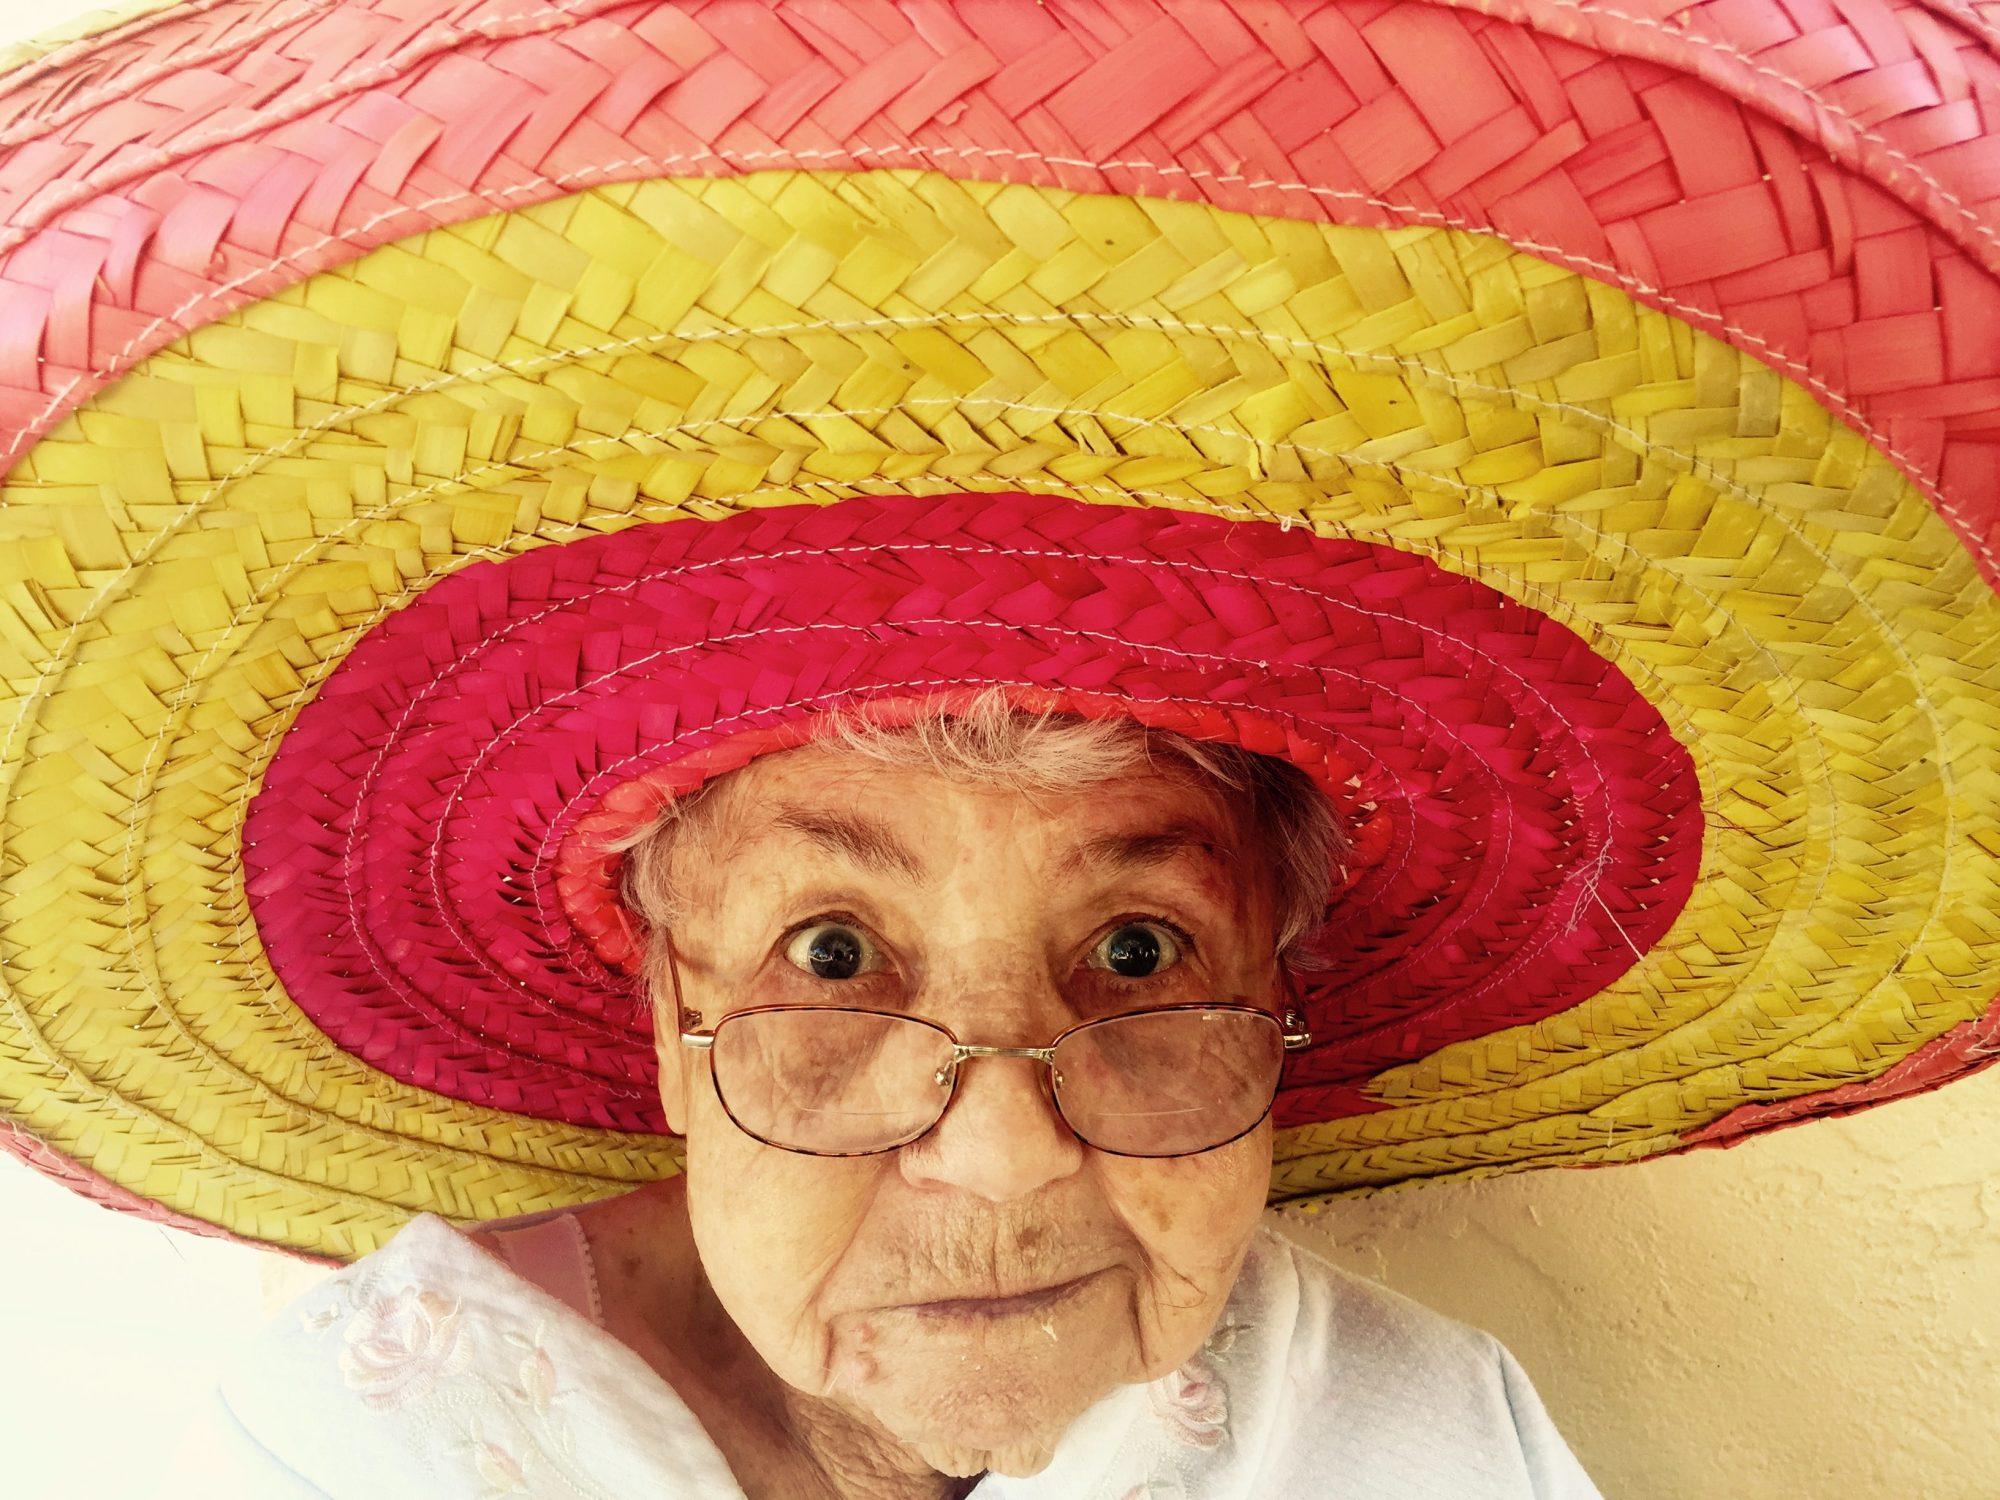 Een oma met een kleurrijke hoed op: lach gewoon eens om je oordelen, meningen en adviezen.